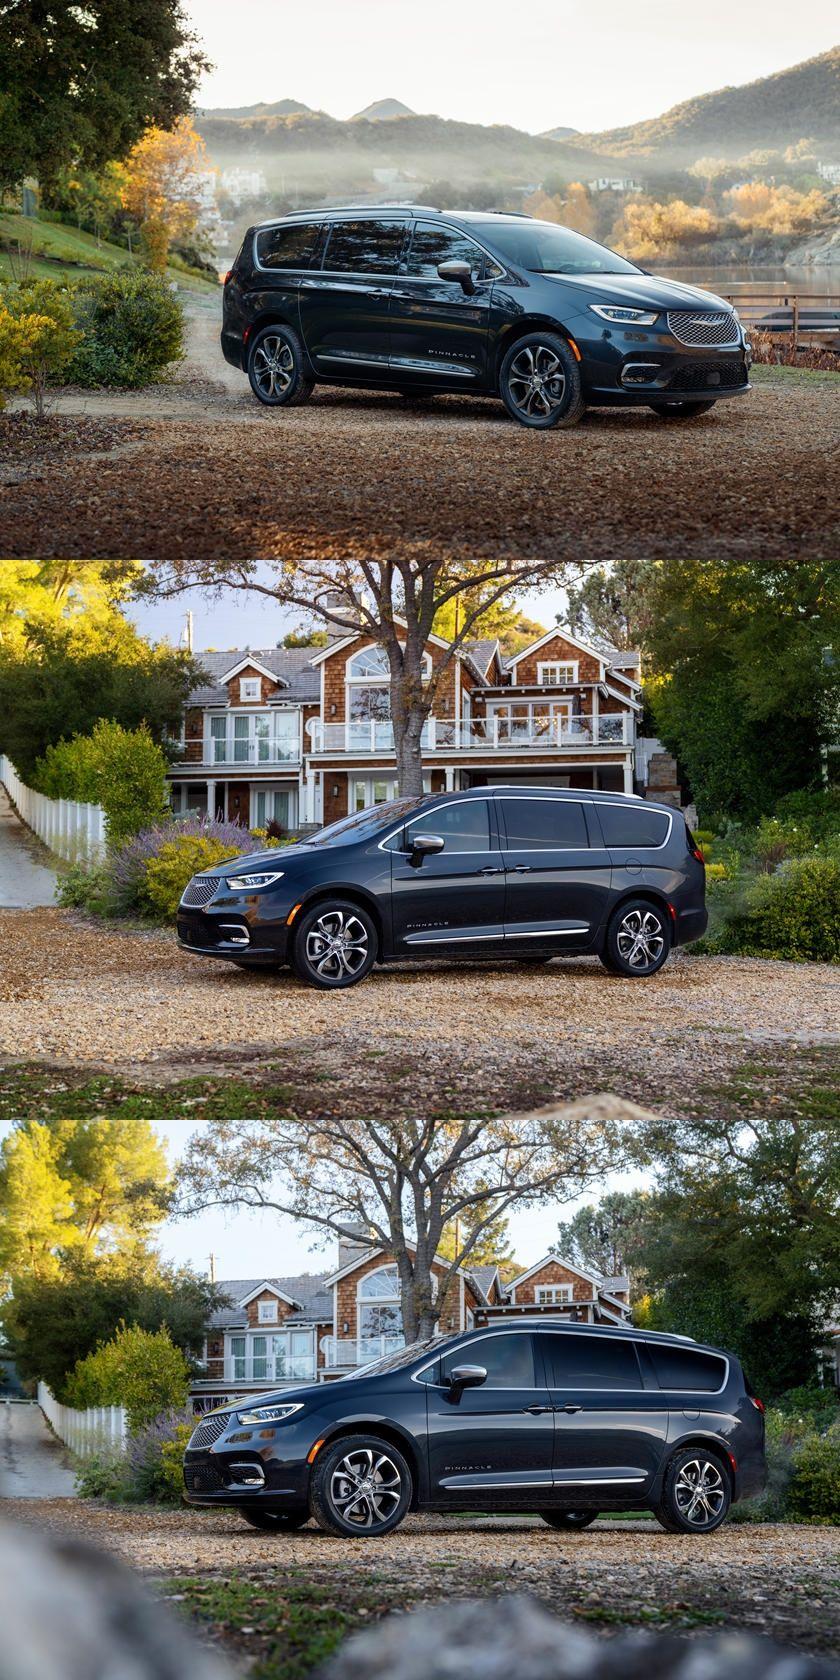 2021 Chrysler Pacifica Arrives Ready For Winter In 2020 Chrysler